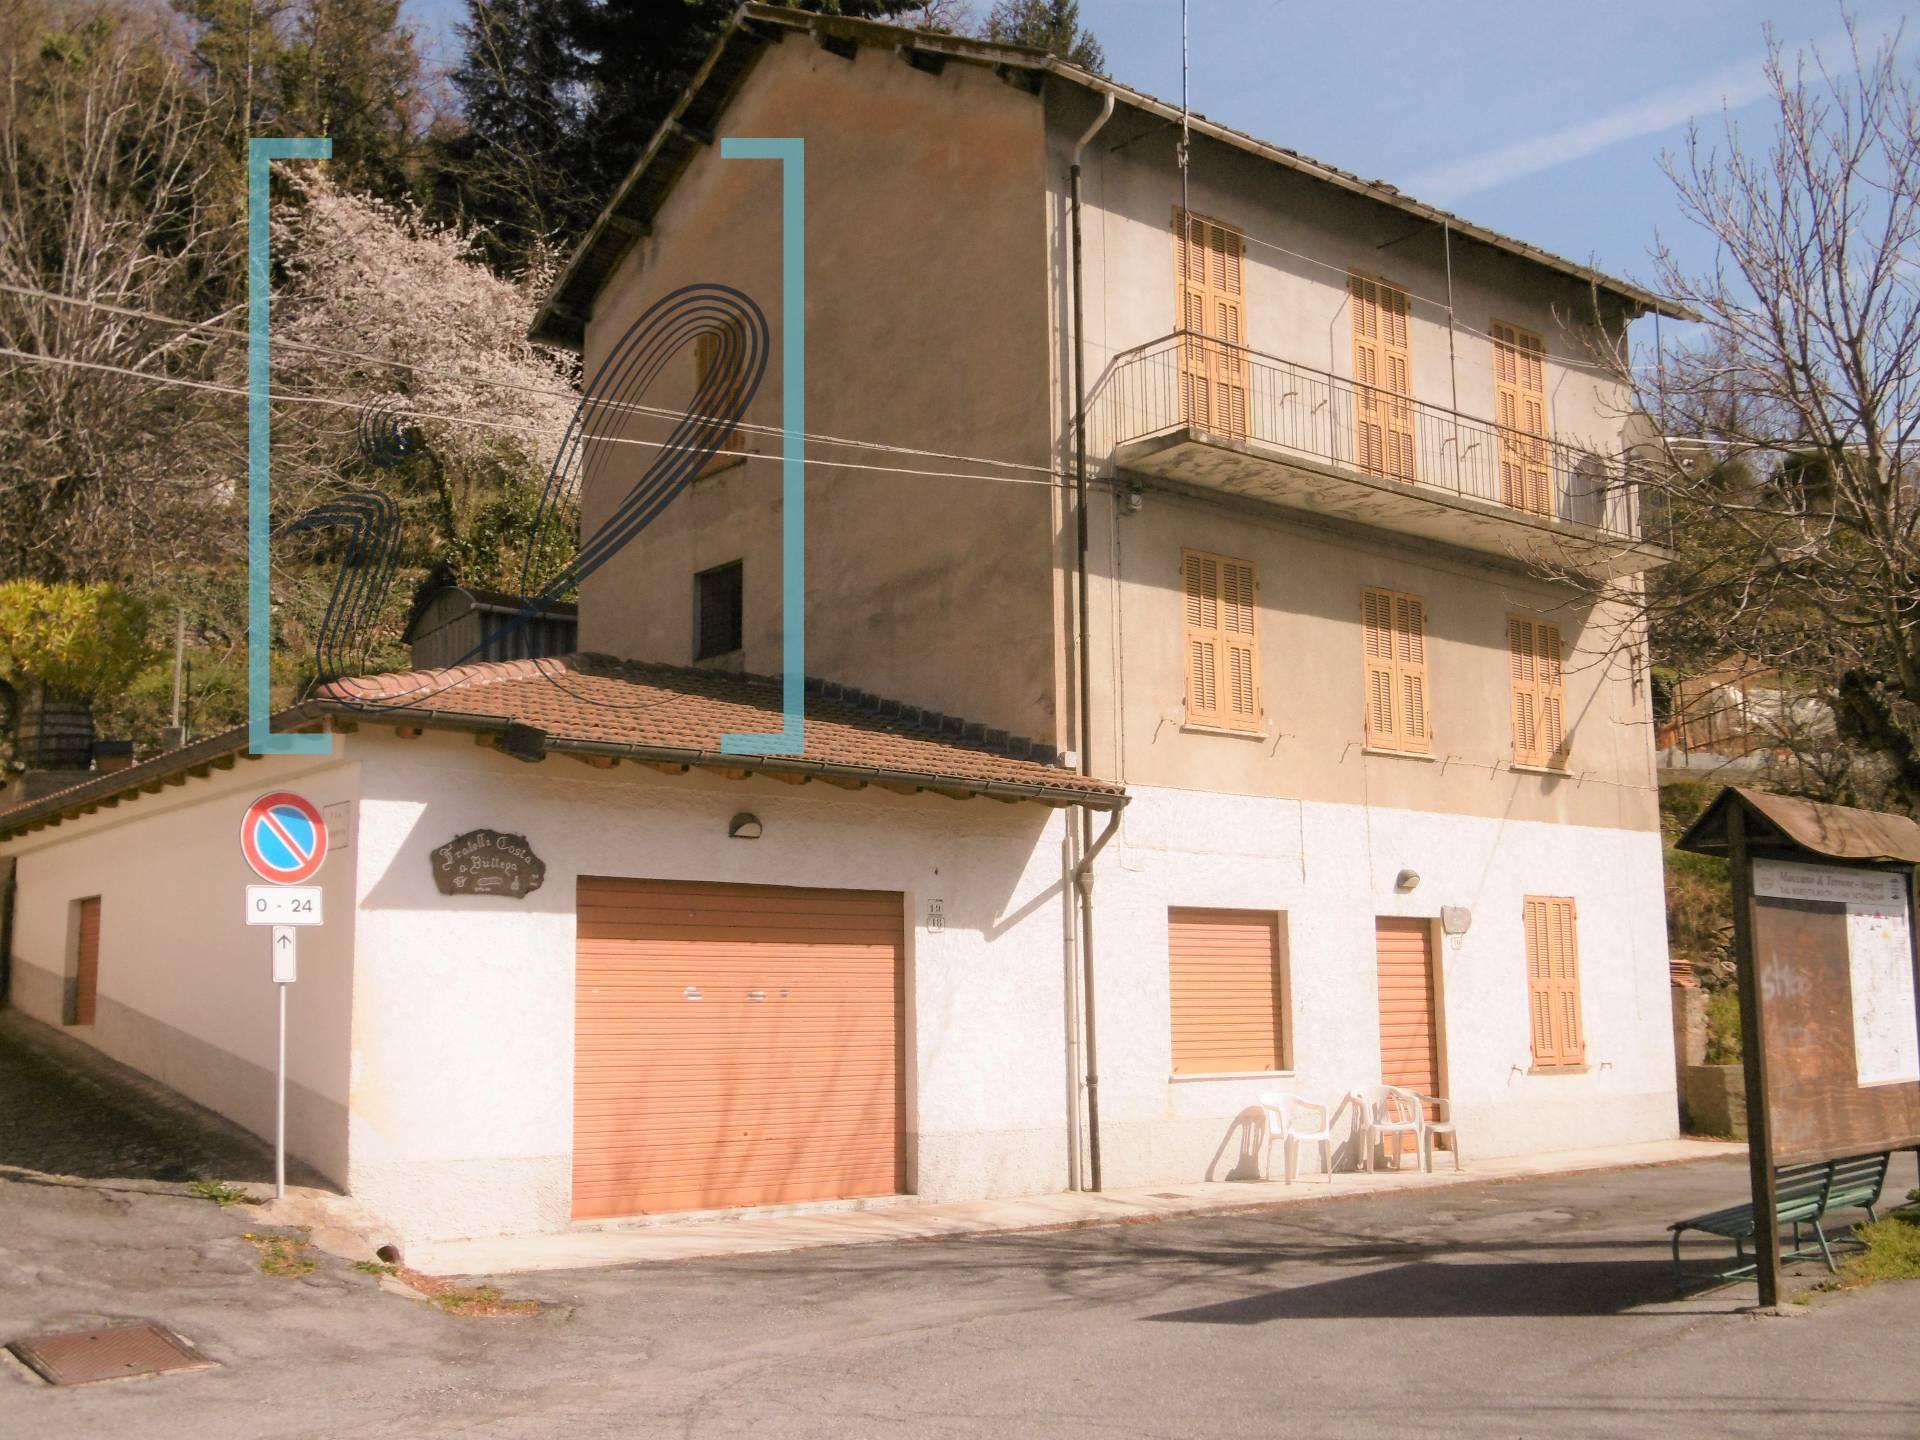 Rustico / Casale in vendita a Pornassio, 8 locali, zona Zona: Ottano, prezzo € 70.000 | CambioCasa.it